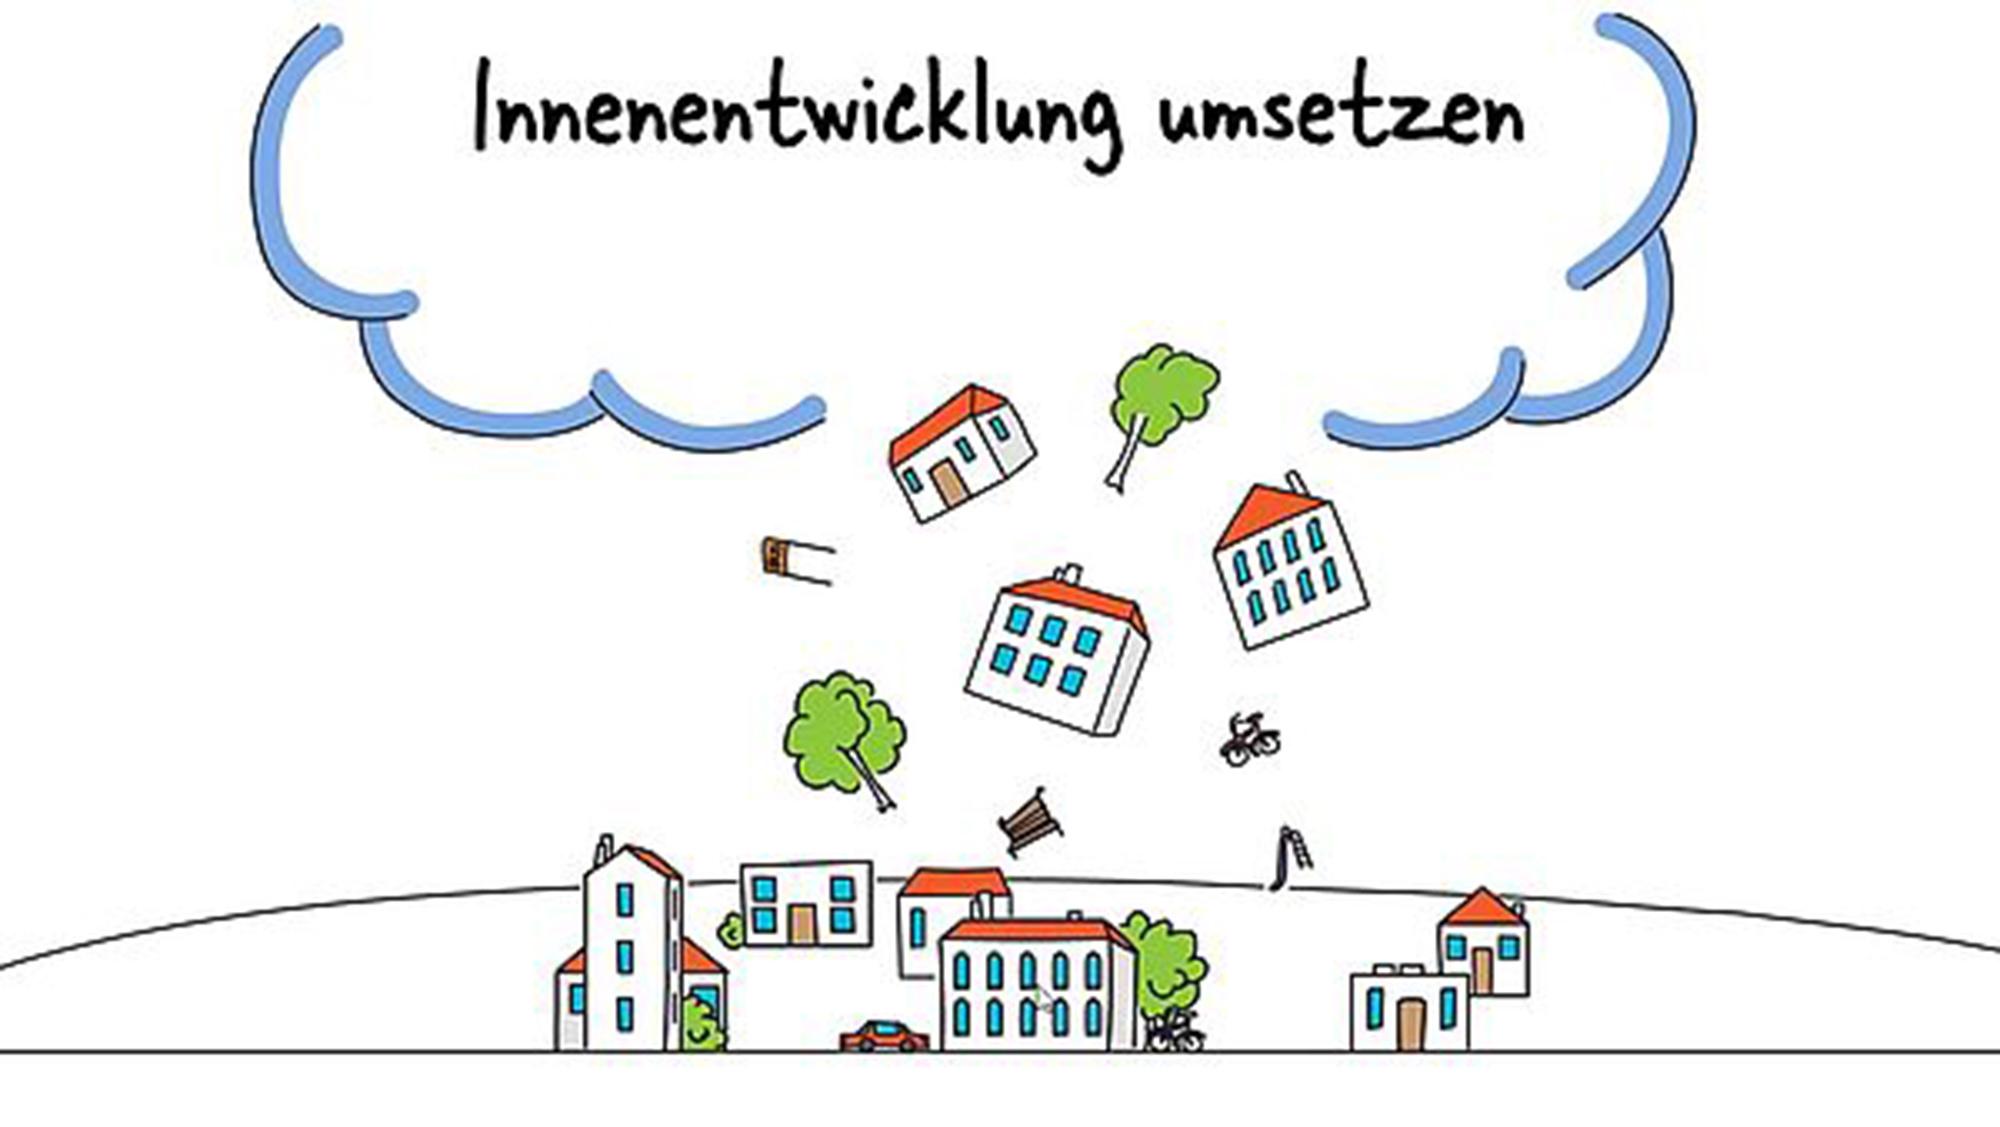 poster_innenentwicklung